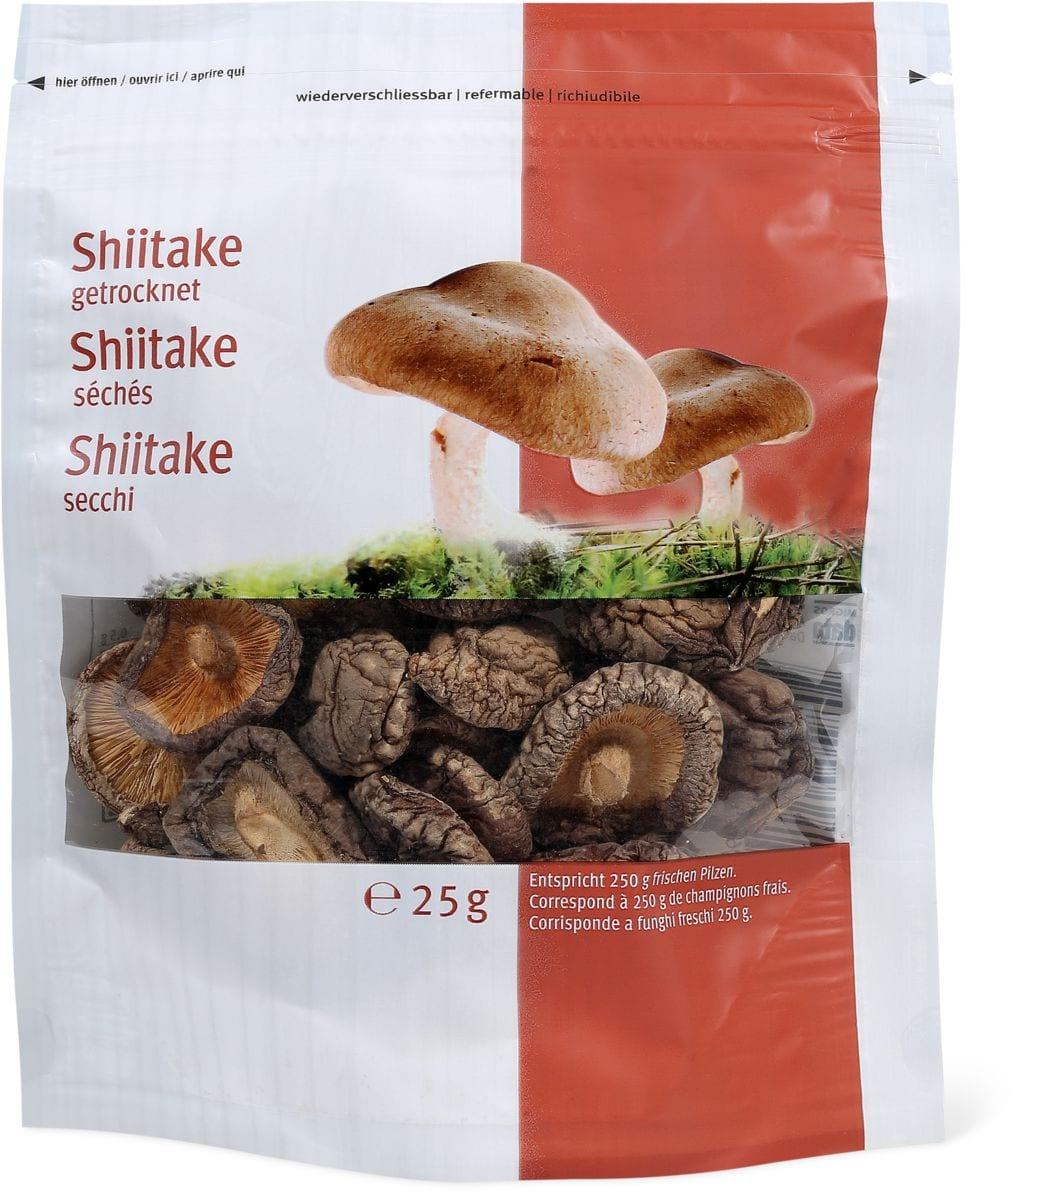 Shiitake secchi